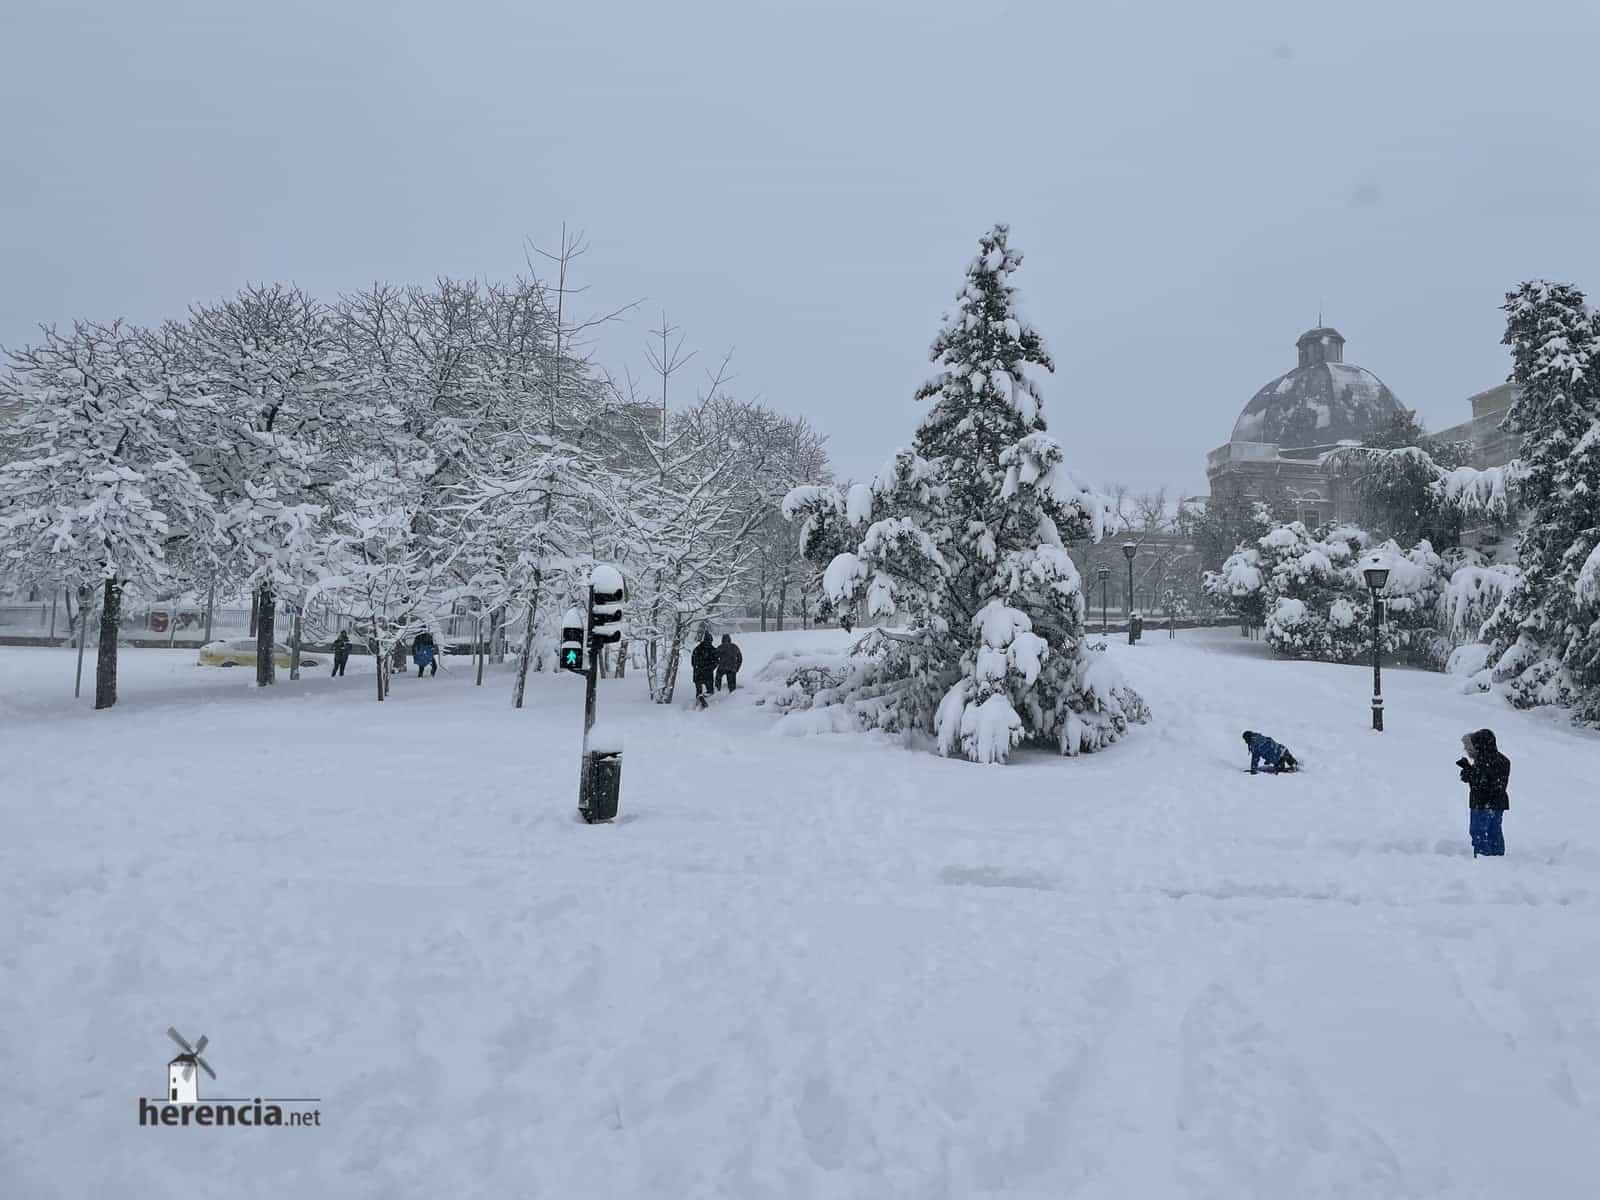 Fotografías de la nevada de enero en Madrid (España) 224